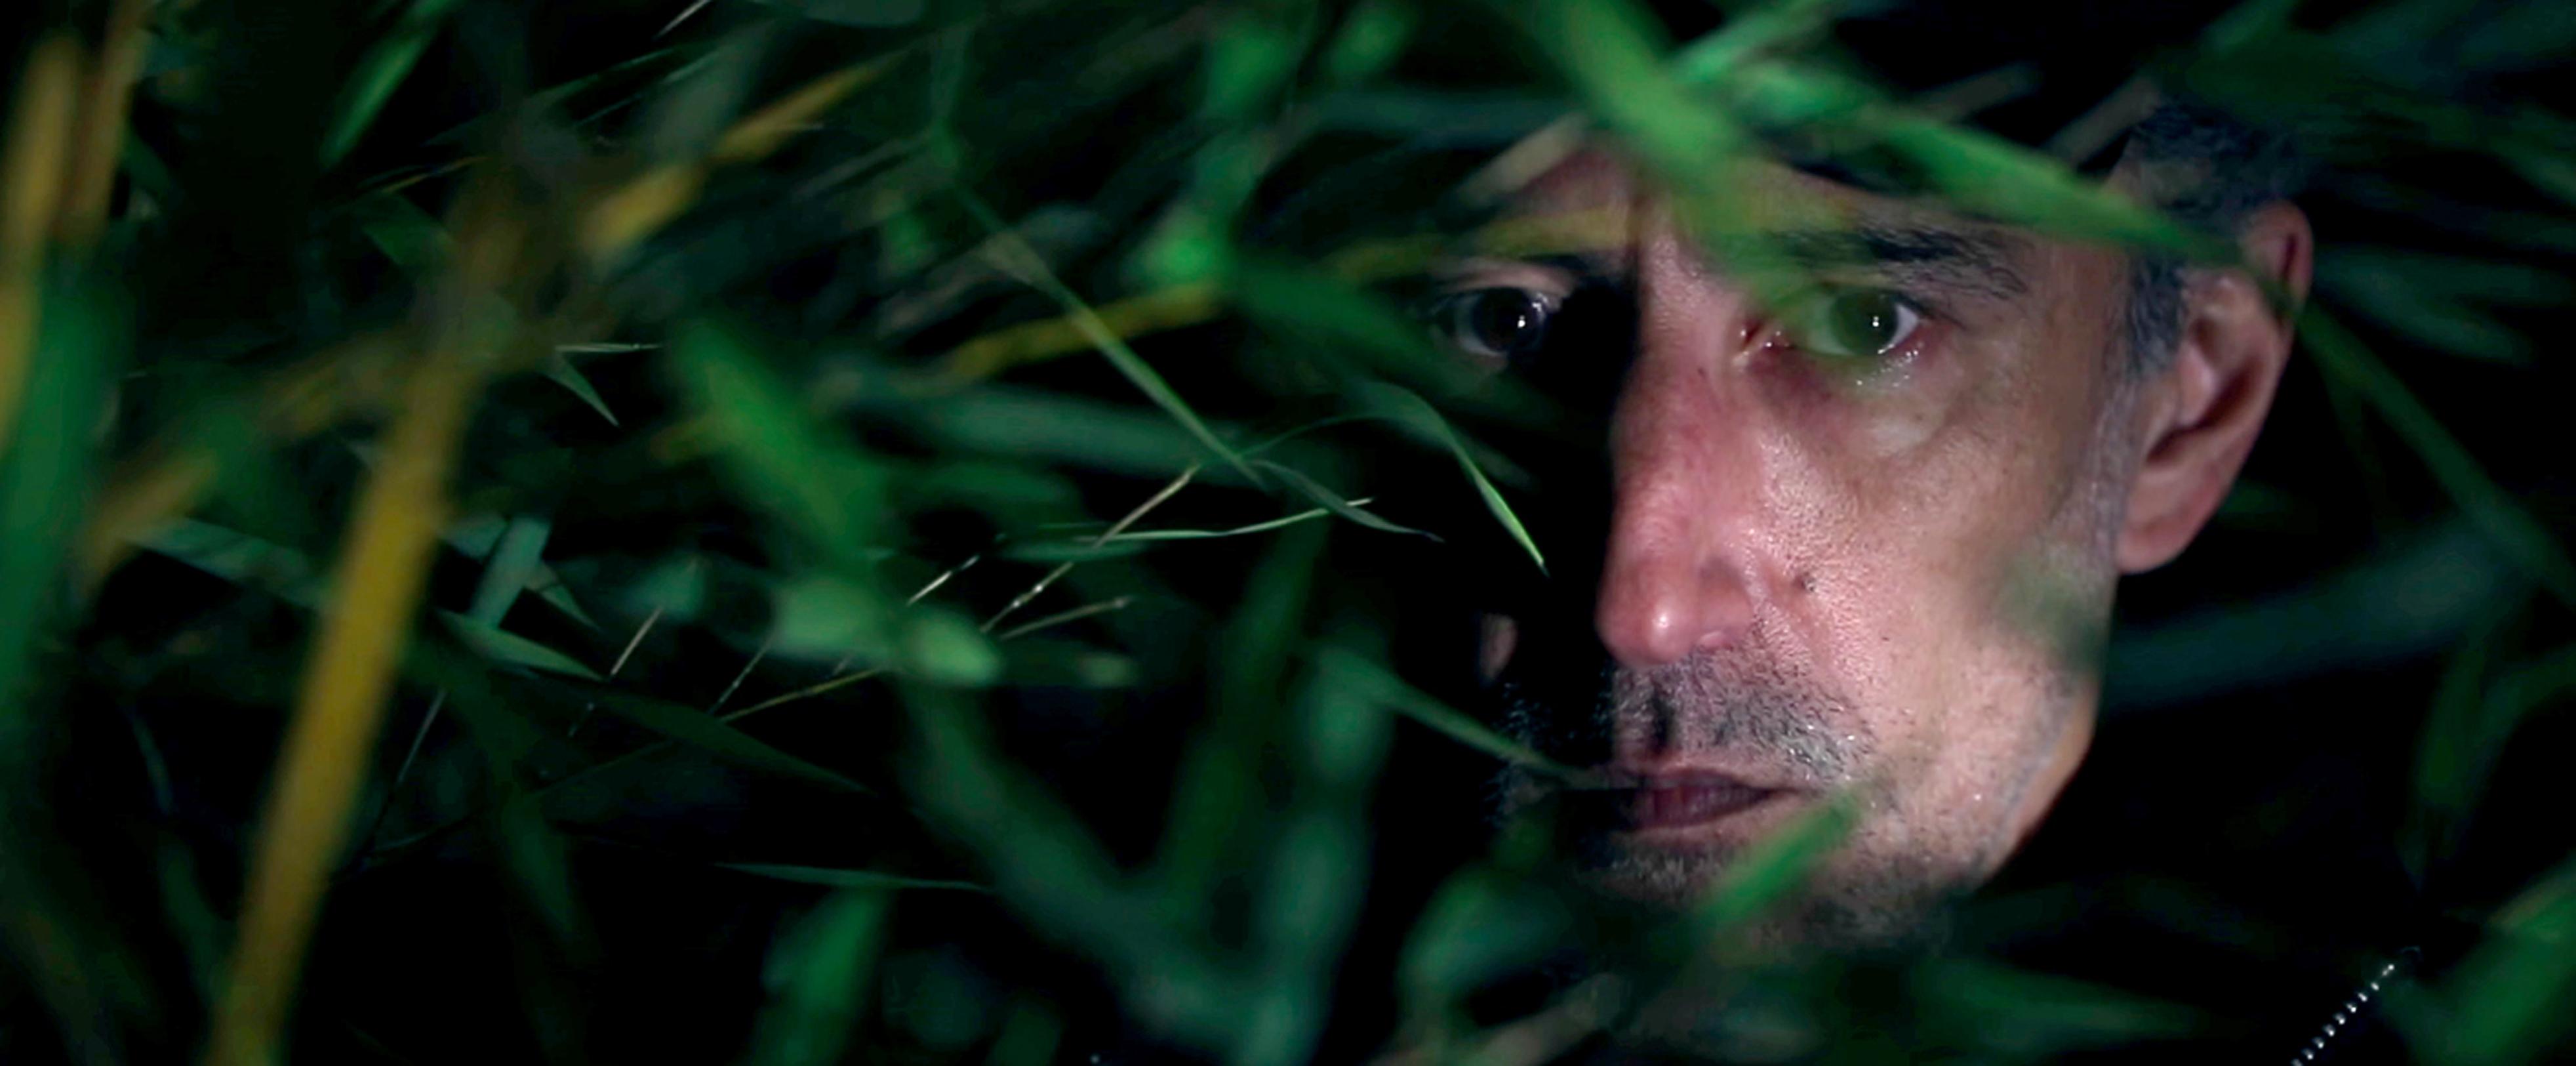 Eric Cherrière : « Un film d'horreur, mais à l'horreur invisible »